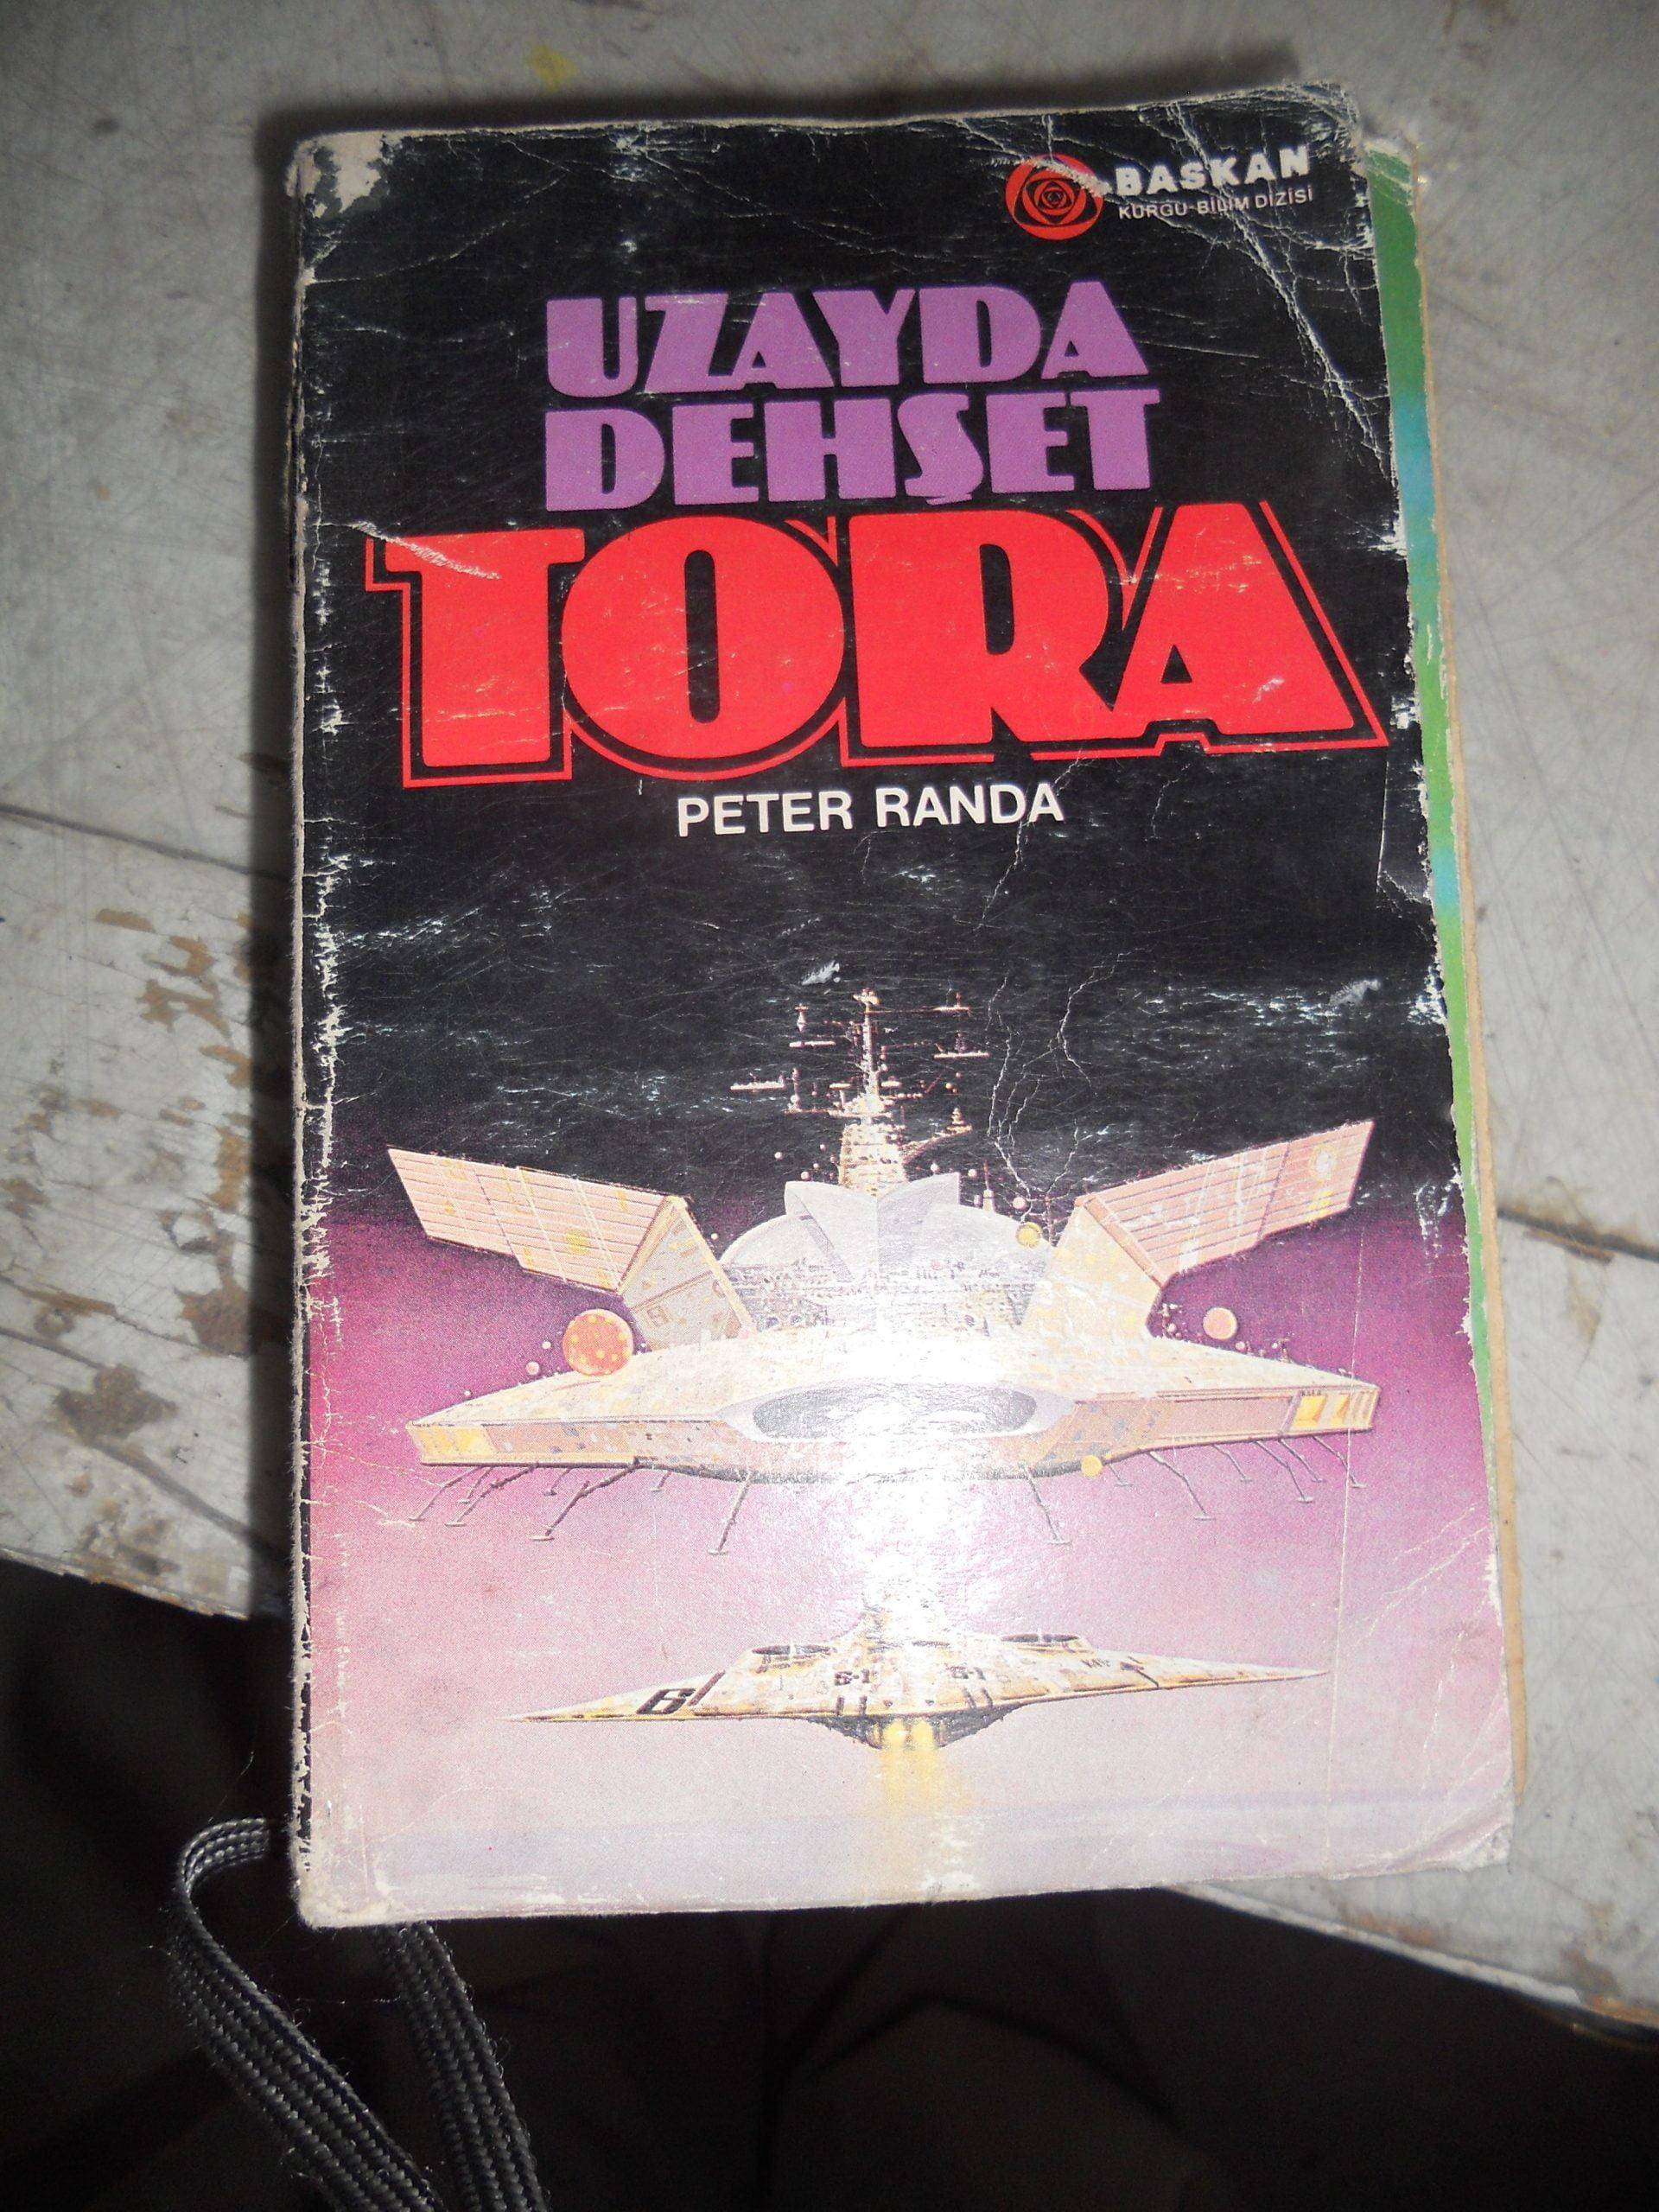 Uzayda dehşet TORA/Peter RANDA/7,5TL